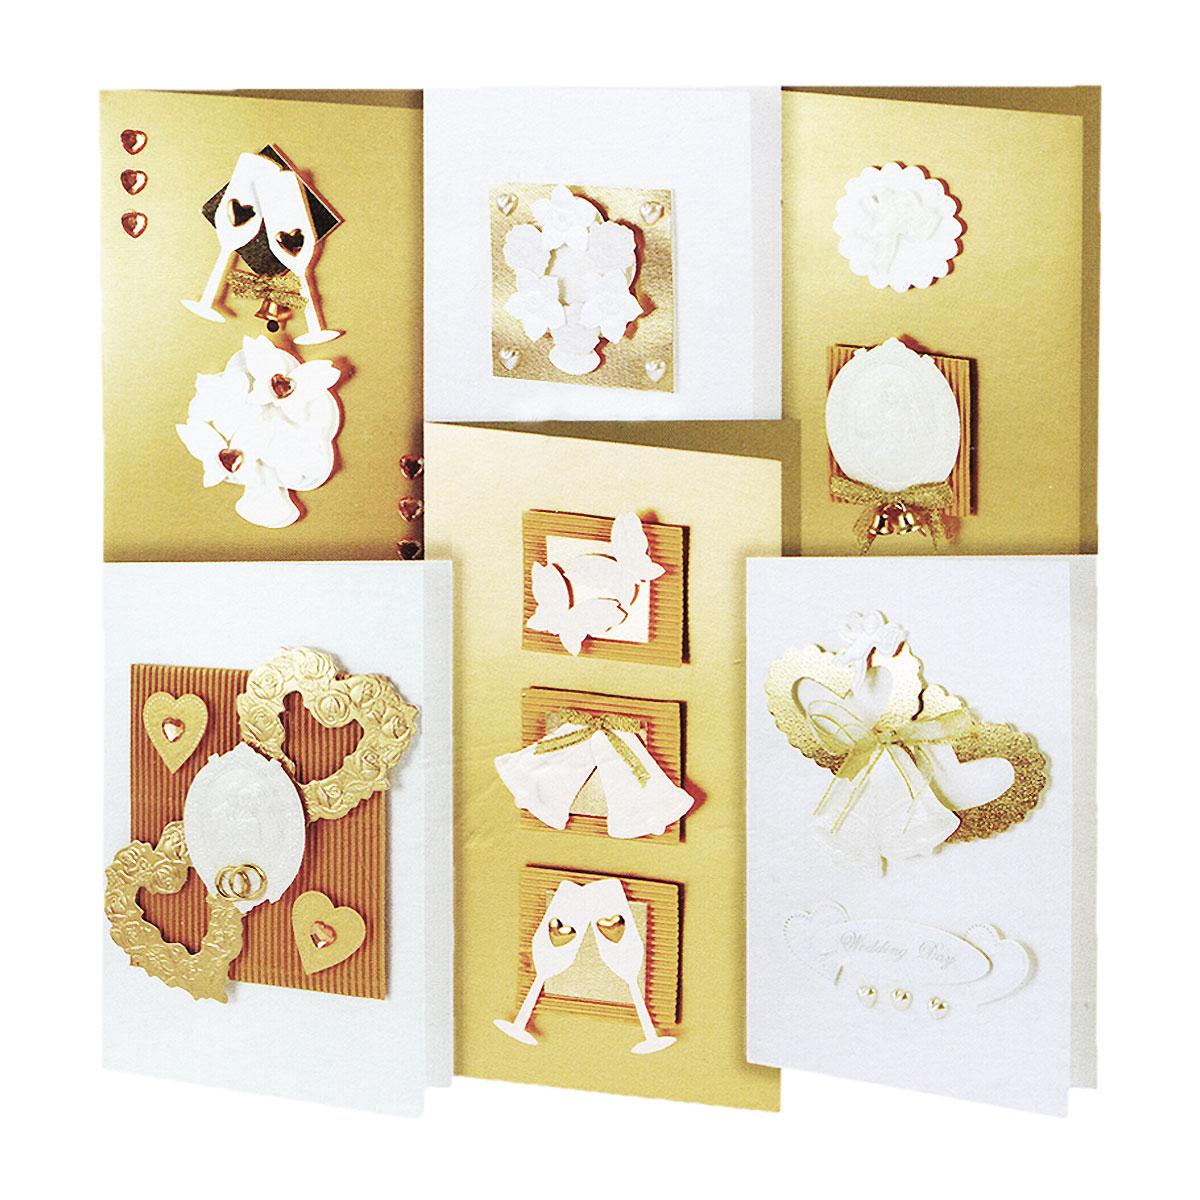 Набор для создания открыток Белоснежка Любовь, 6 шт215-SBНабор для создания открыток Белоснежка Любовь позволит вам и вашему ребенку создать 6 оригинальных открыток из картона в стиле 3D скрапбукинг. Набор включает в себя все необходимое для работы: 6 заготовок для открыток, 6 конвертов, клеевые подушечки, бумага для скрапбукинга, декоративные элементы (вырубка из бумаги, ленты, паетки, стразы, полубусины в форме сердца) и подробную инструкцию на русском языке. Скрапбукинг - это хобби, которое способно приносить массу приятных эмоций не только человеку, который этим занимается, но и его близким, друзьям, родным. Это невероятно увлекательное занятие, которое поможет вам сохранить наиболее памятные и яркие моменты вашей жизни, а также интересно оформить интерьер дома. Размер малой открытки: 11,5 см х 17 см. Размер большой открытки: 11,5 см х 21 см.